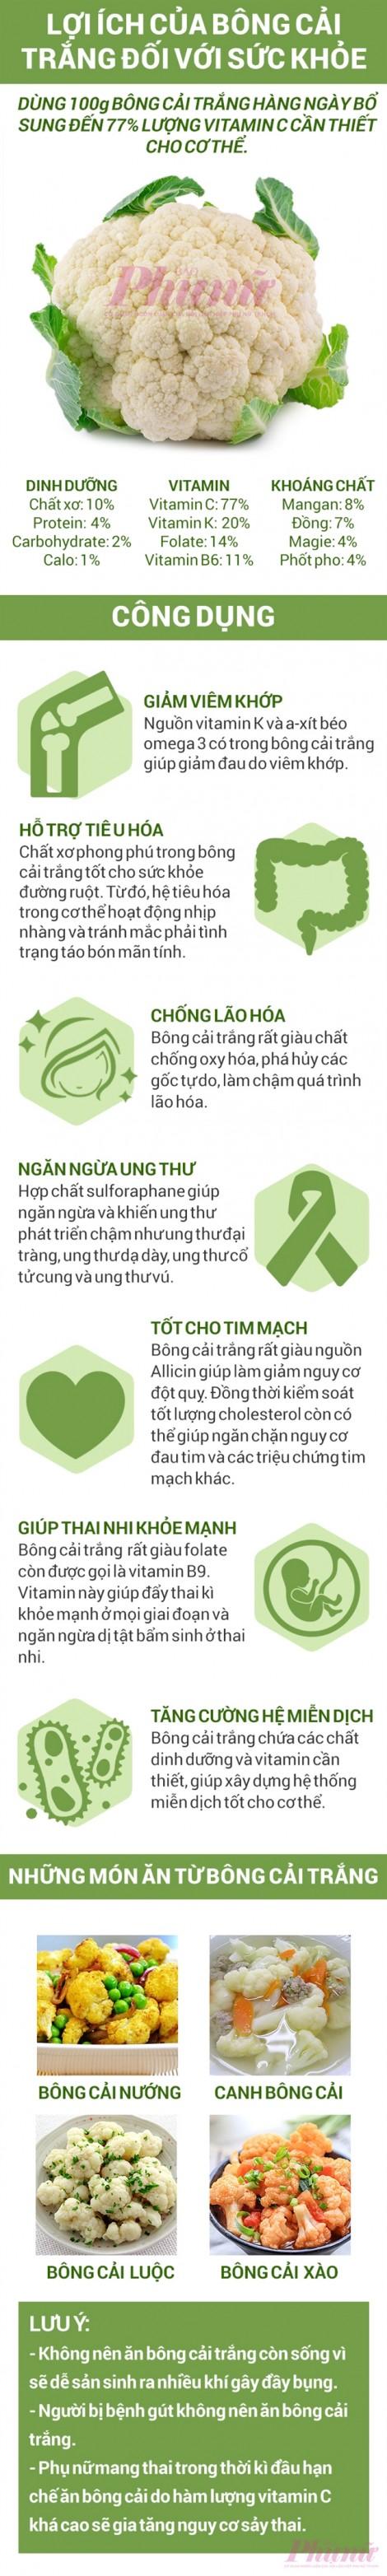 Ngừa ung thư hiệu quả từ bông cải trắng